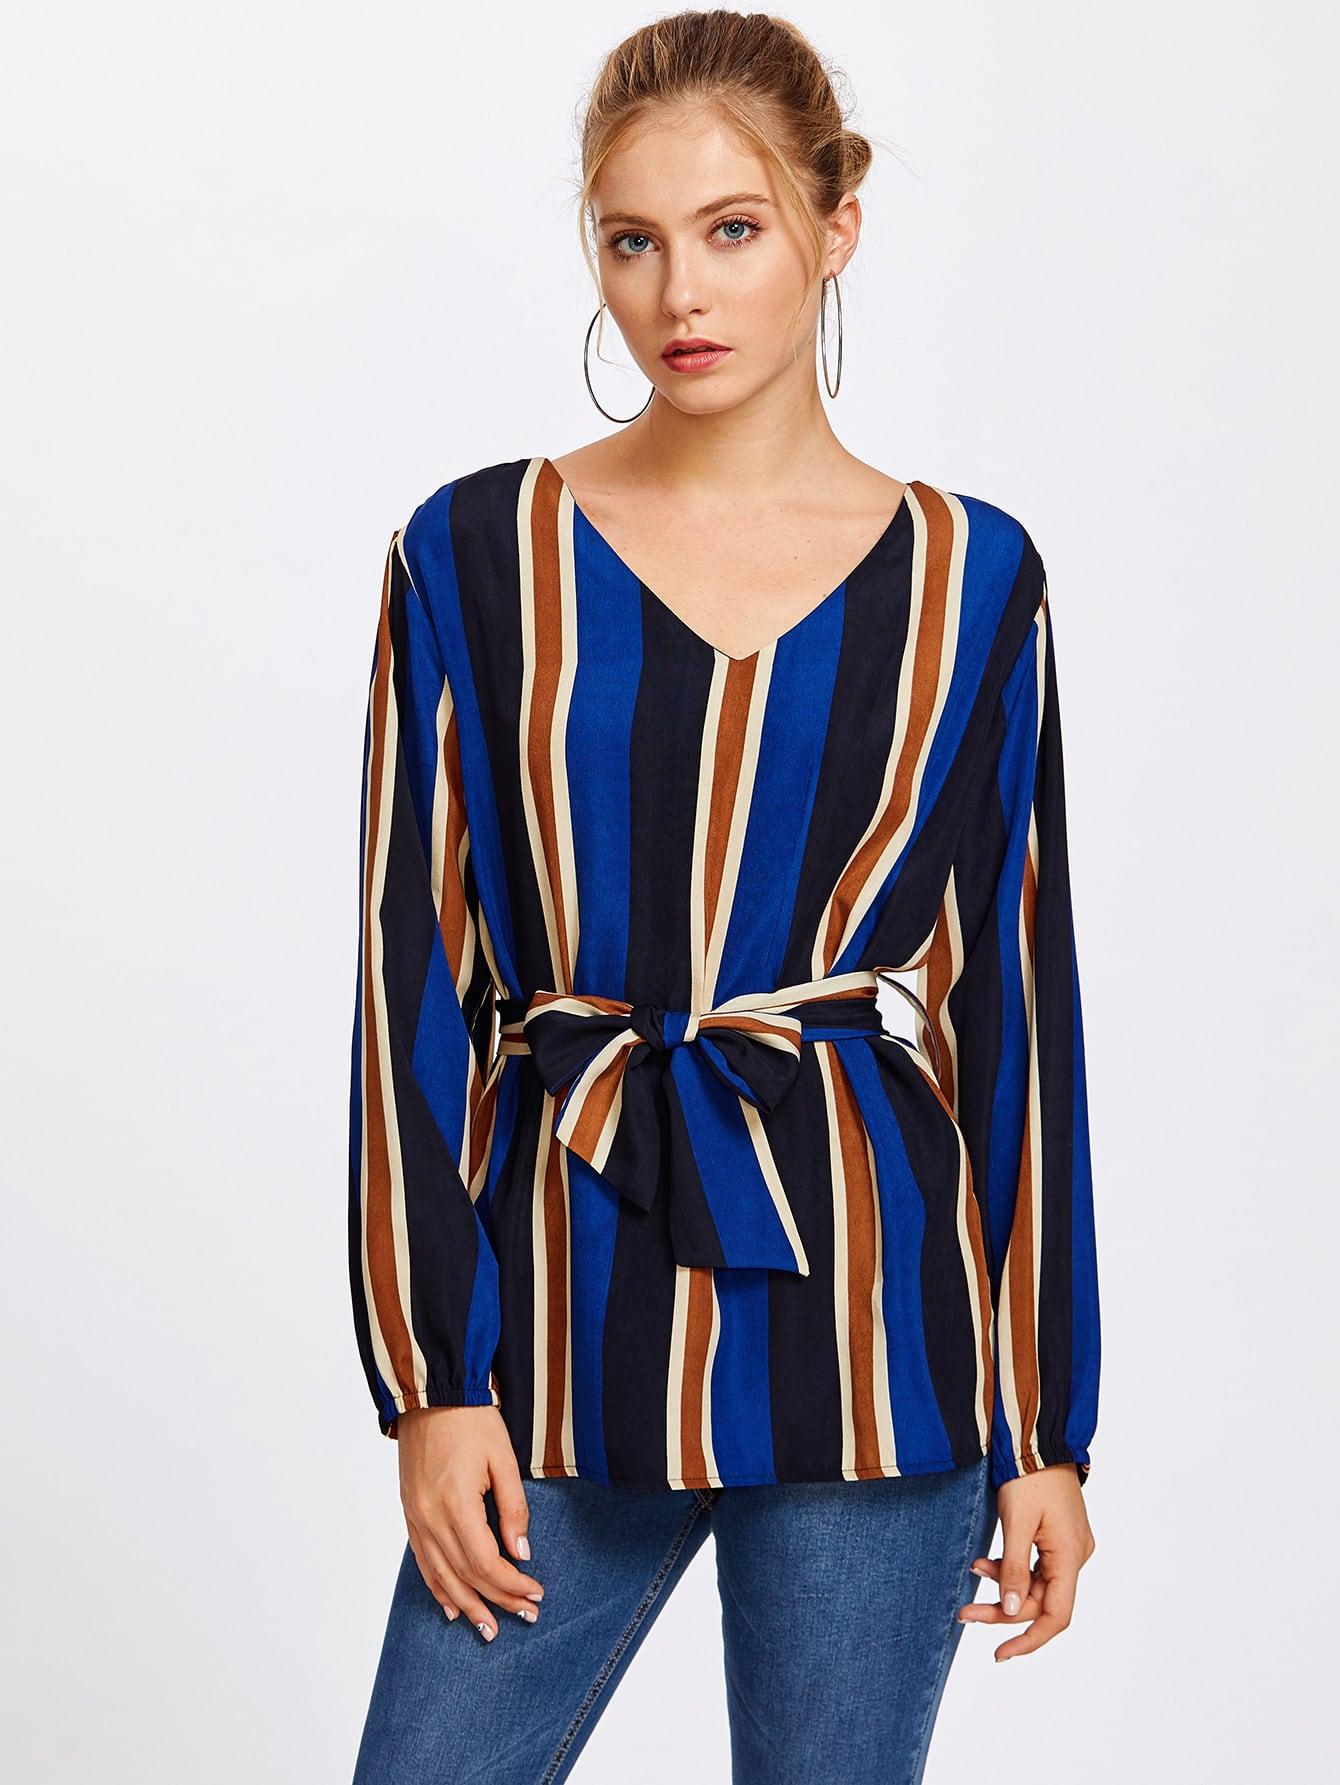 V Neckline Striped Blouse With Belt boat neckline striped blouse with buttons